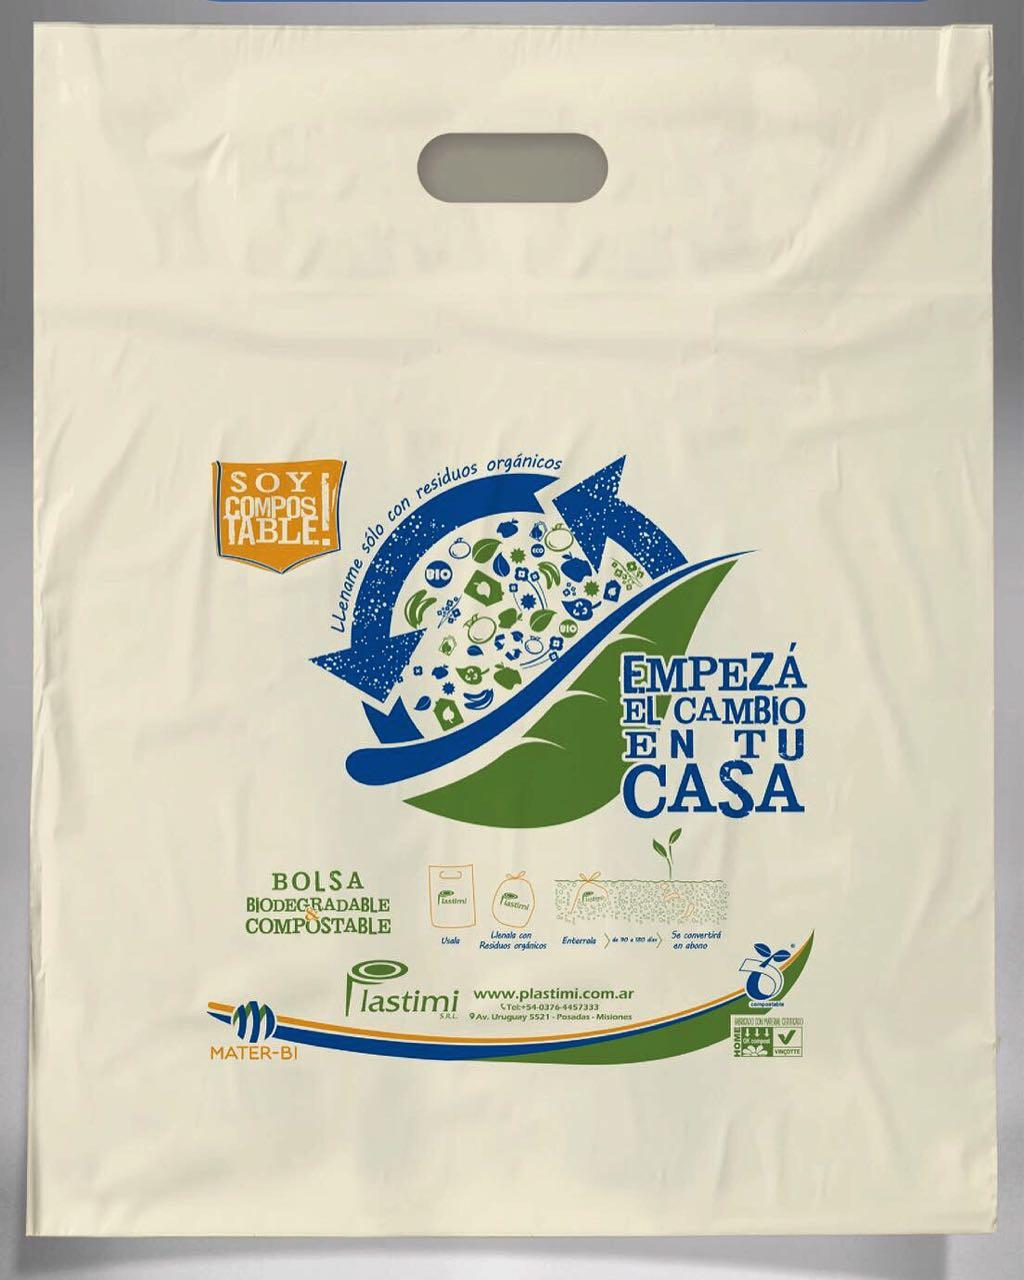 b12647bdd Plastimi pone sus eco-bolsas compostables para sumarse contra la cruzada de  la basura - Selva AdentroSelva Adentro